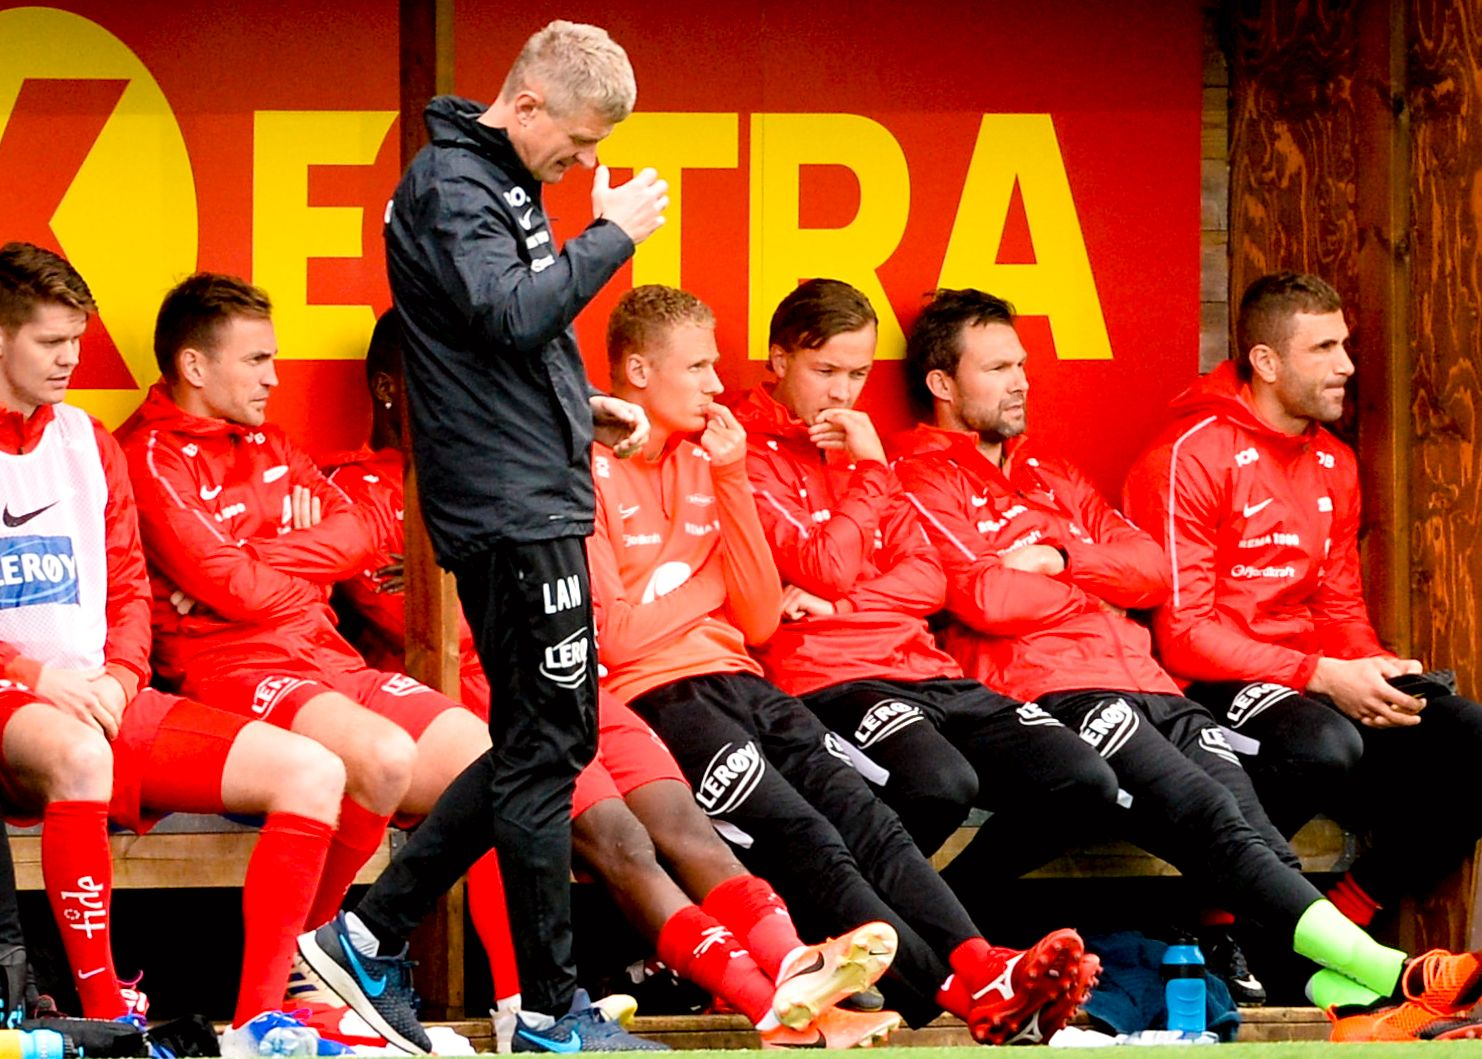 FARVEL NM: Lars Arne Nilsen hadde en blytung kveld på Ranheim stadion. Brann-treneren hadde ikke suksess med Kristoffer Barmen, Fredrik Haugen, Håkon Opdal og Azar Karadas på benken fra start.